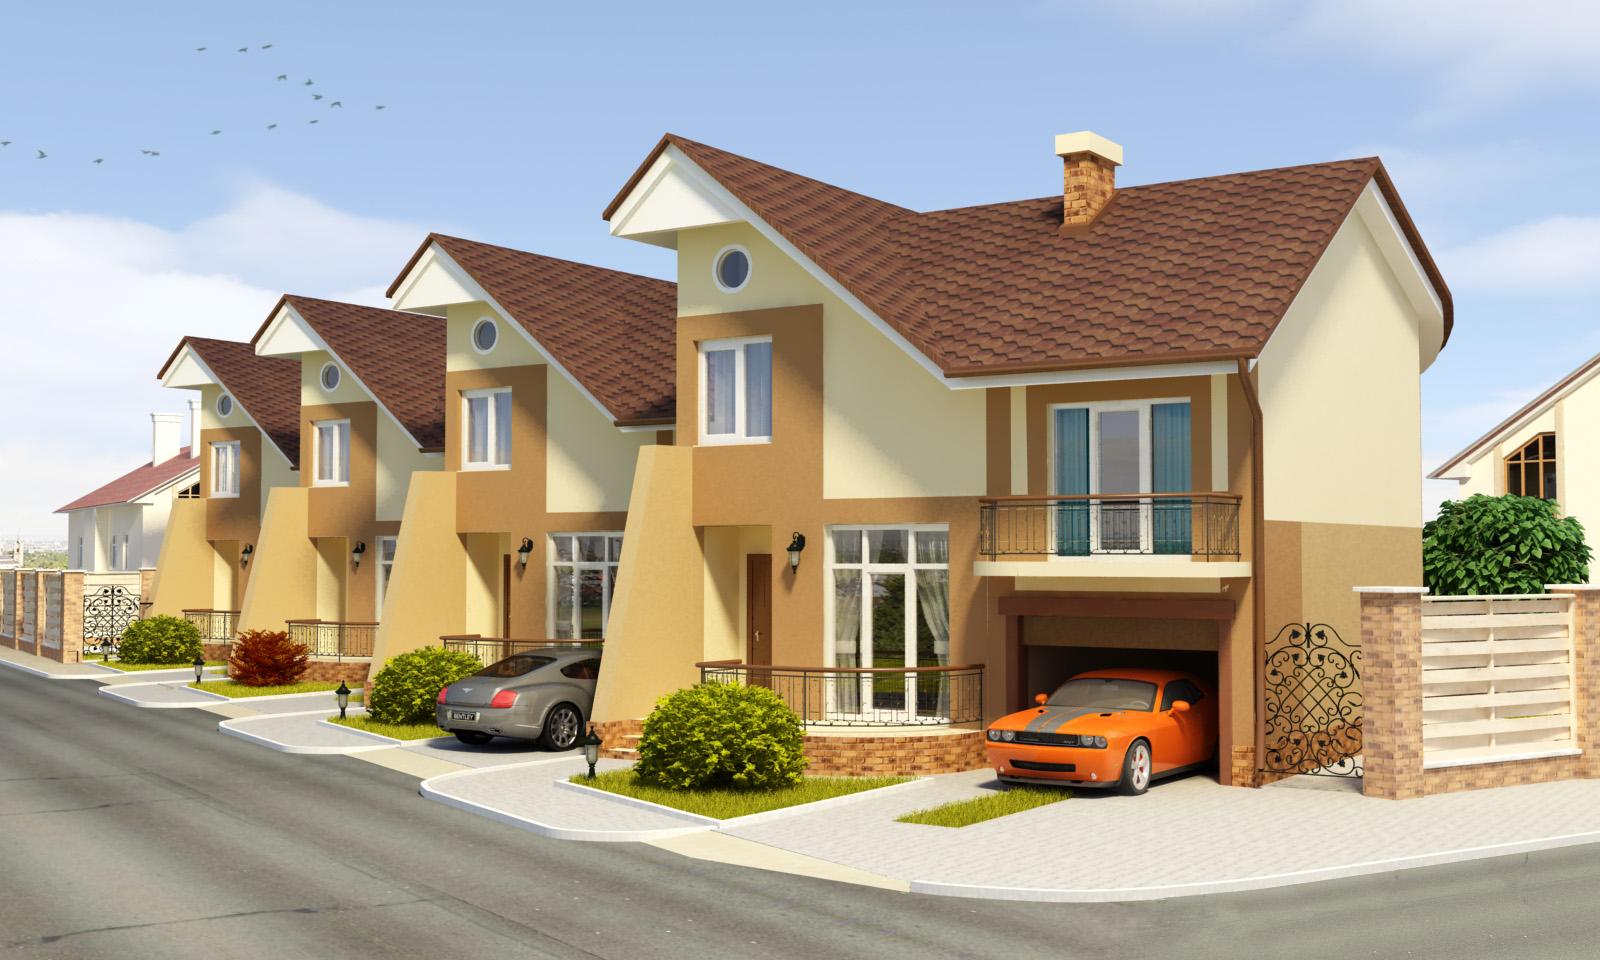 Таунхаус и частный дом: каковы плюсы и минусы обоих видов жилья